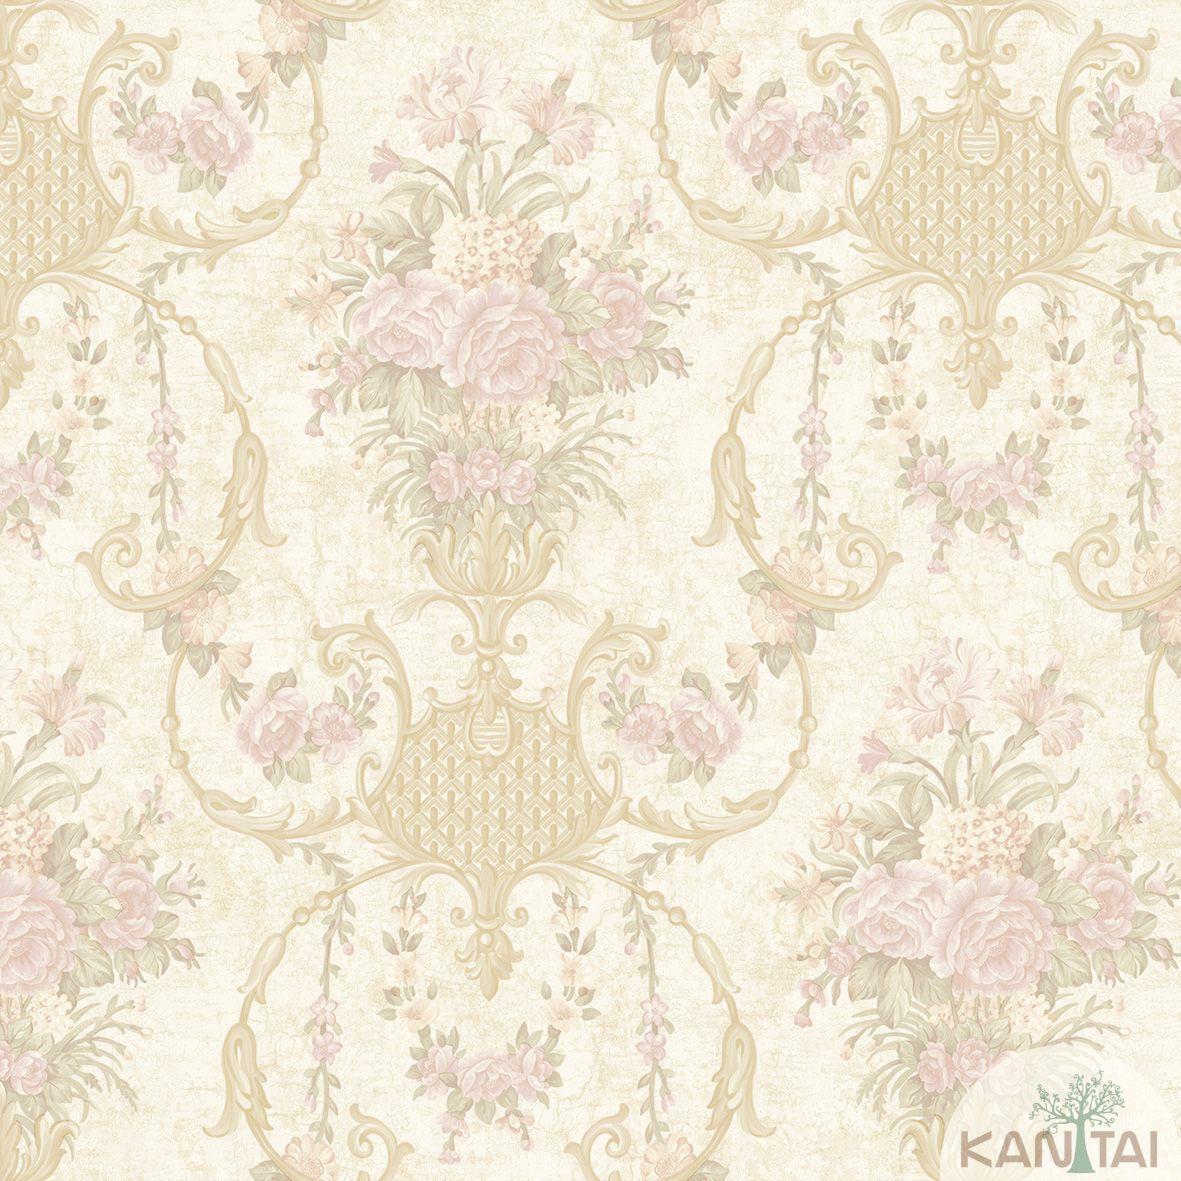 Papel de Parede Kan Tai TNT Coleção Flora 2 Floral Creme, Verde, Dourado, Rosa, Baixo relevo